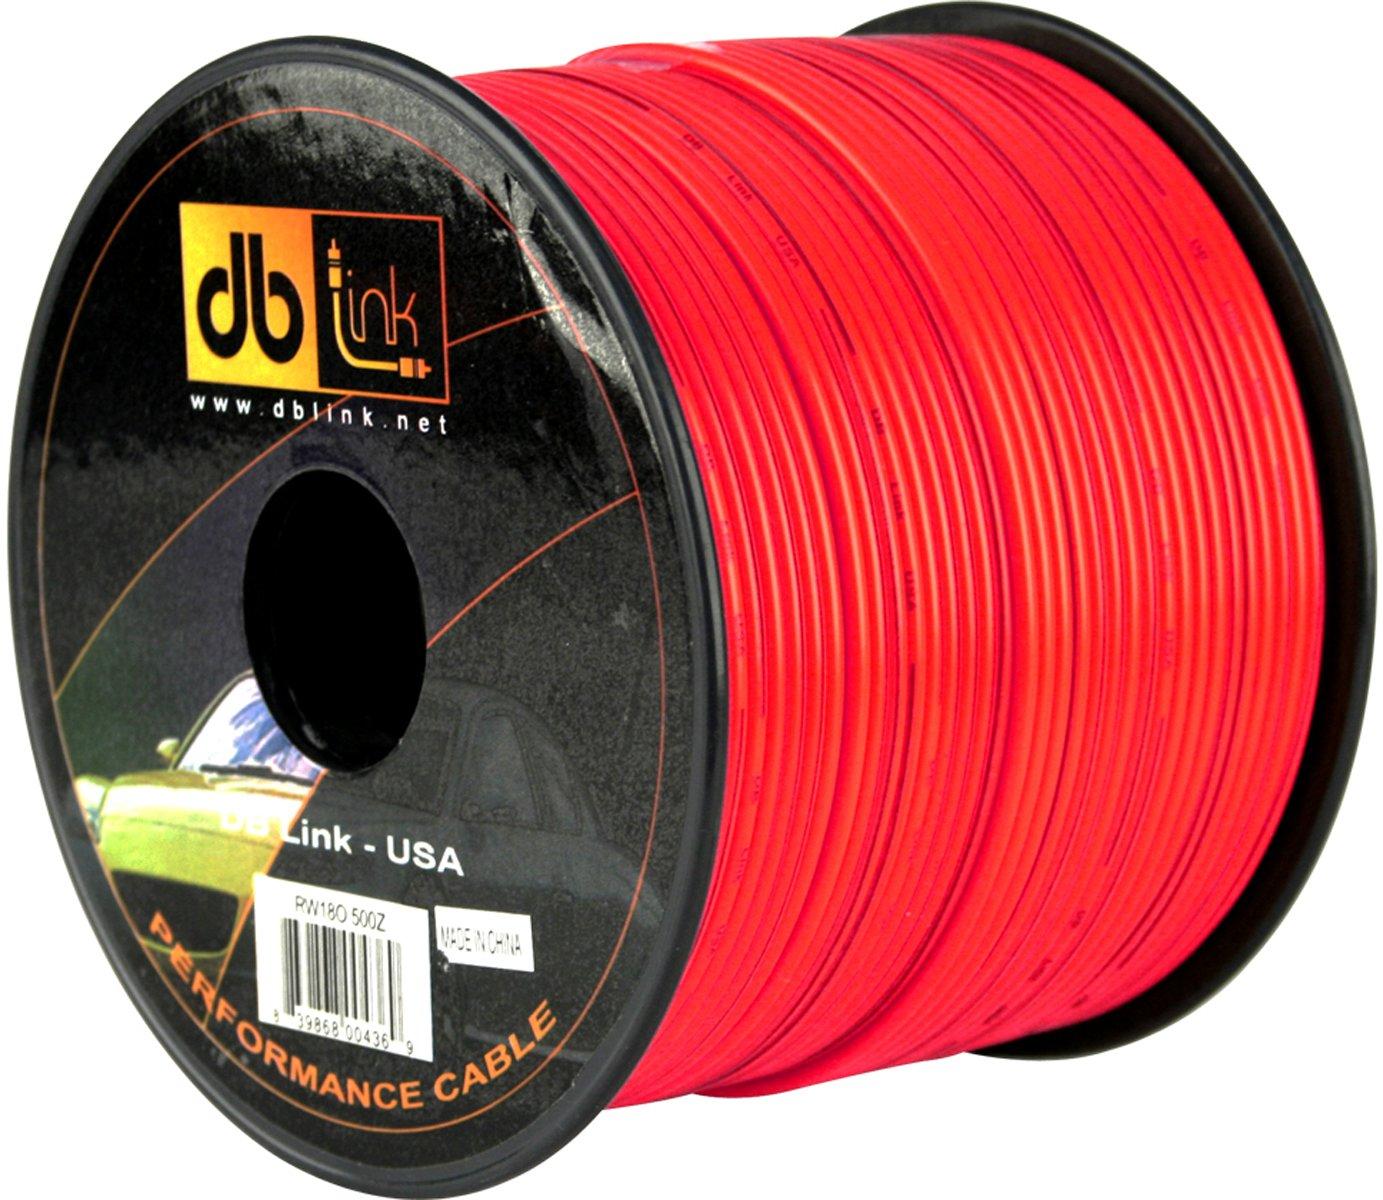 db Link SFRW18R500Z StrandFlex Power Wire Spools Round Jacket Red